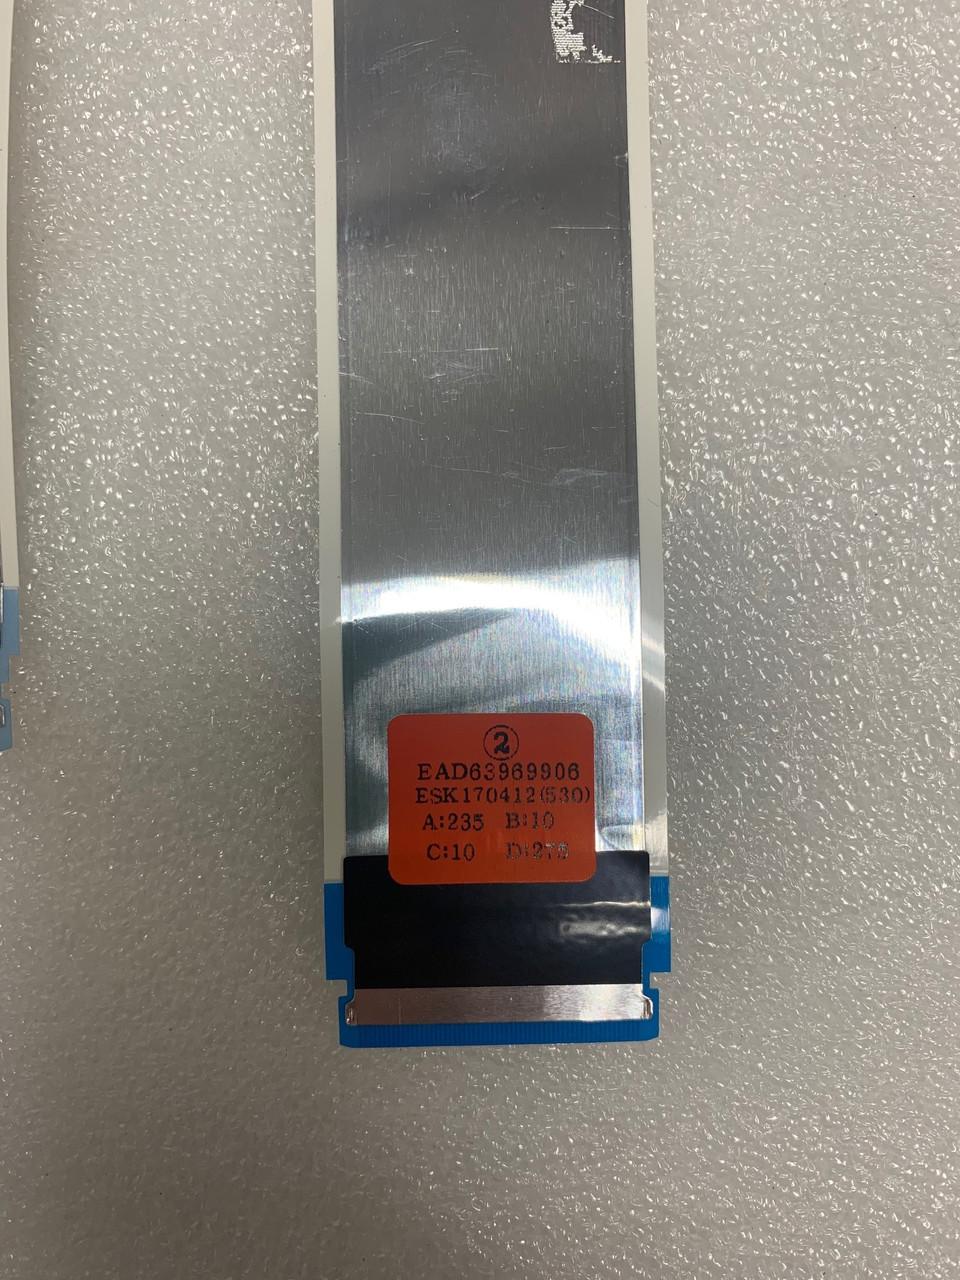 LG 55UV340C-UB LVDS Cable set EAD63969905 & EAD63969906